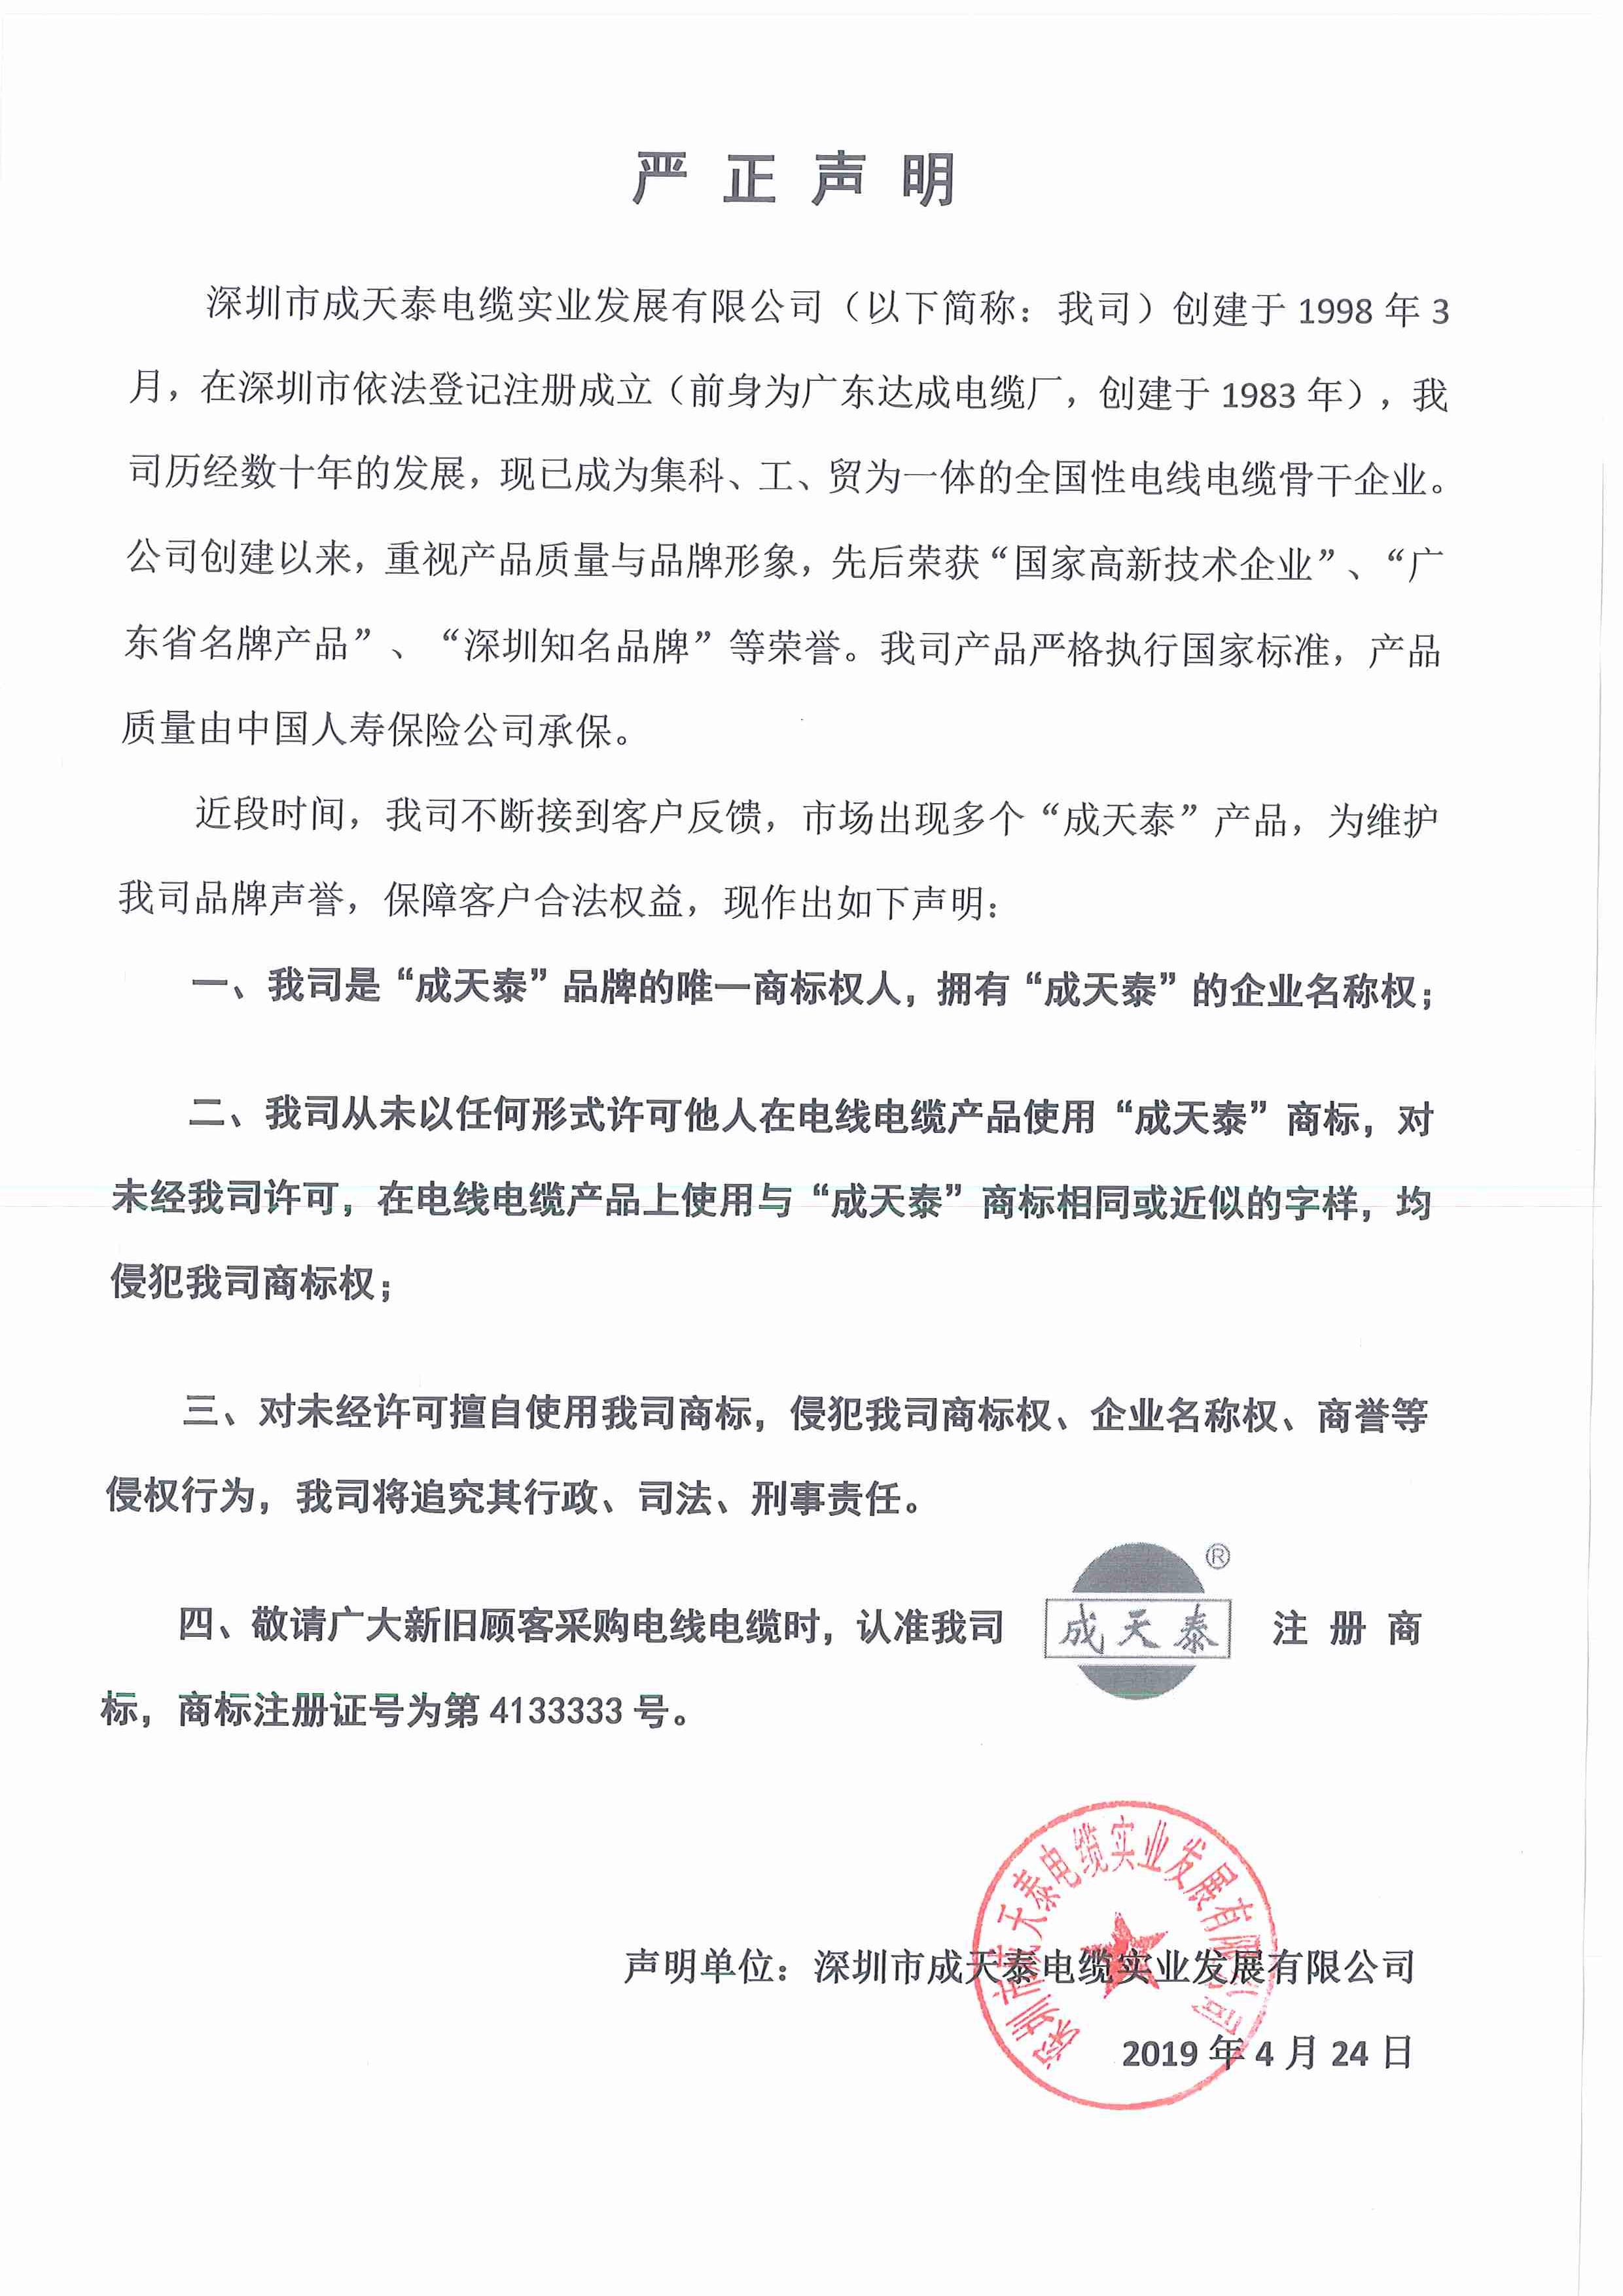 深圳市成天泰电缆实业发展有限公司严正声明